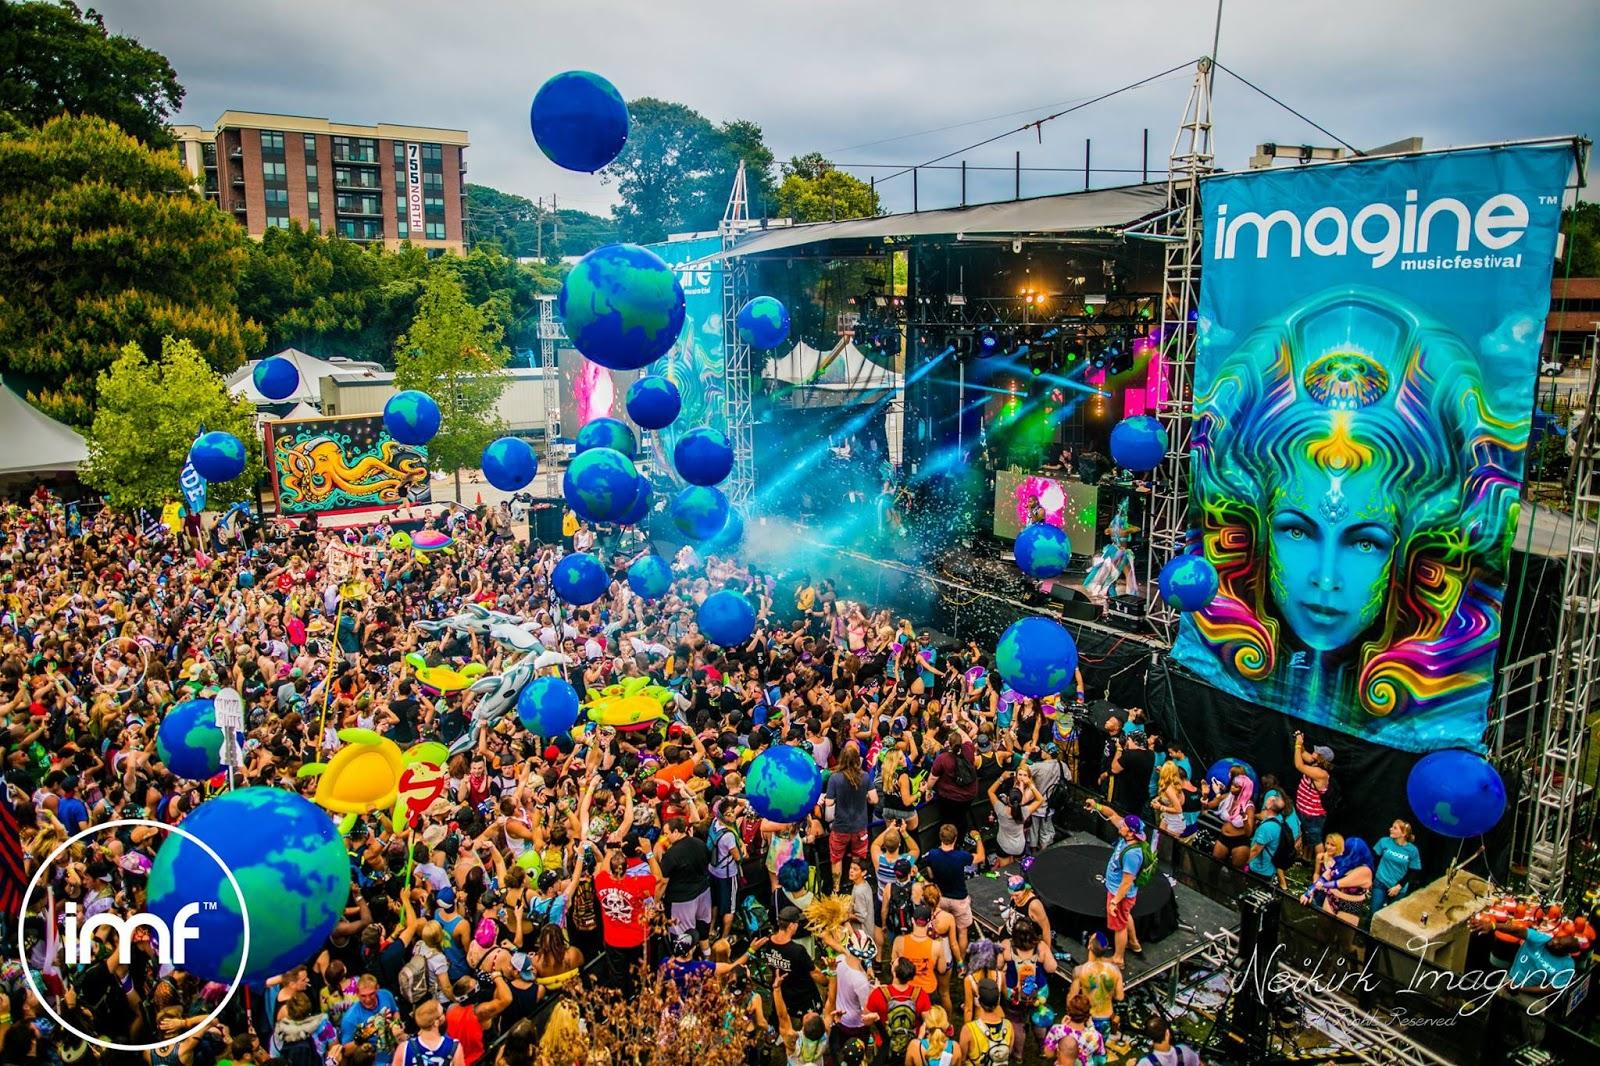 0d848e57b Imagine Music Festival Drops Aftermovie For 2016 Edition In 4K EDMLI